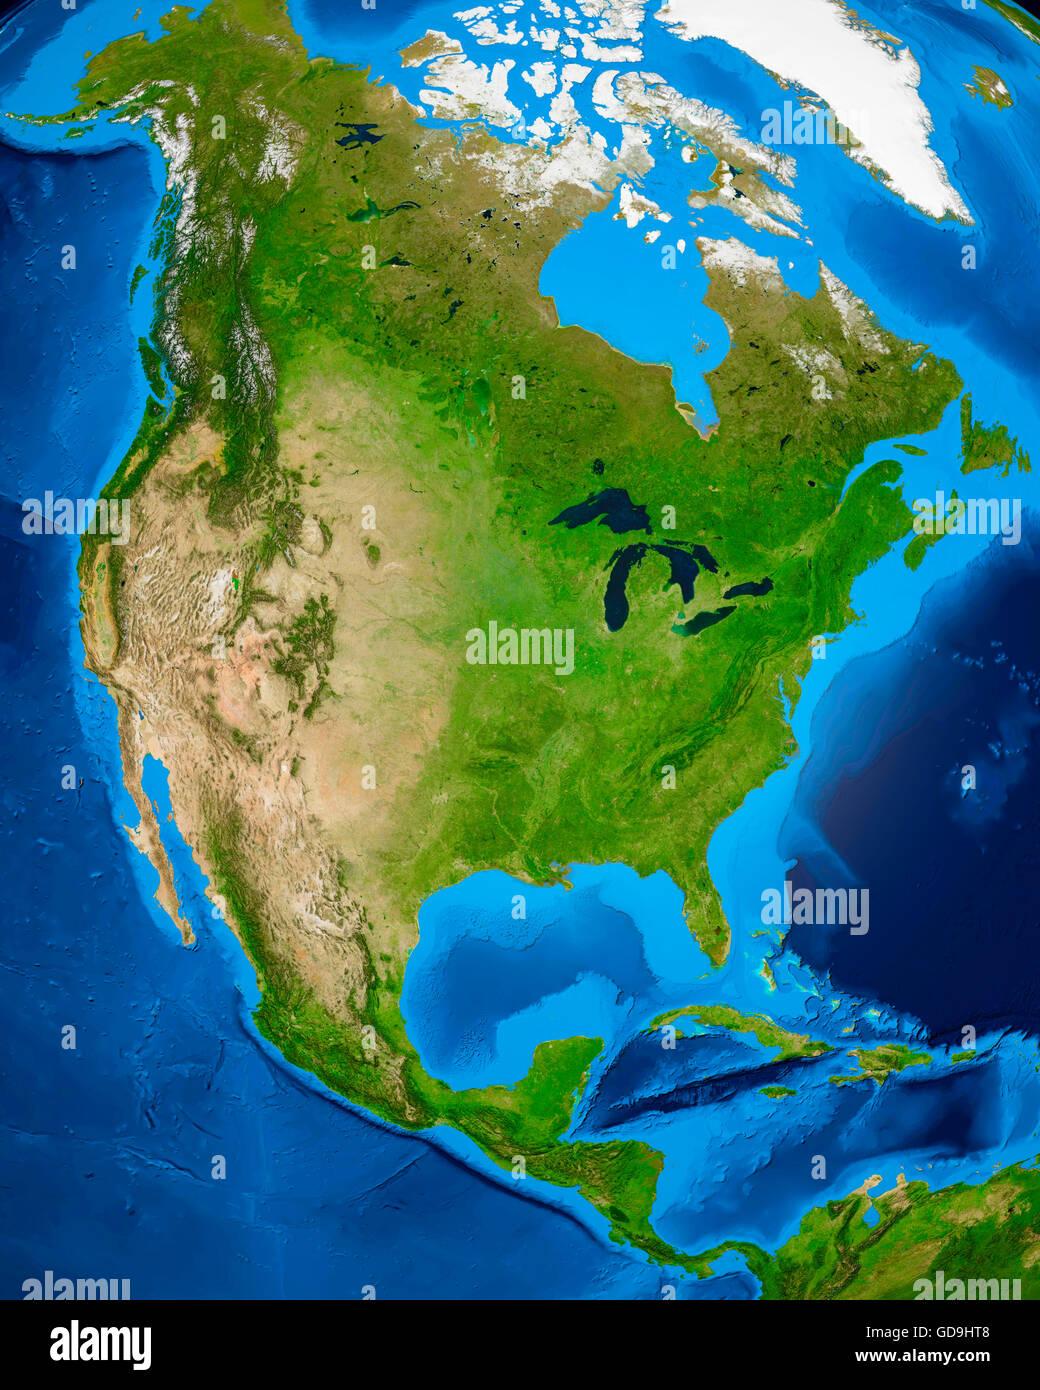 Erdkugel zeigt nordamerikanischen Kontinent, 3D illustration Stockbild